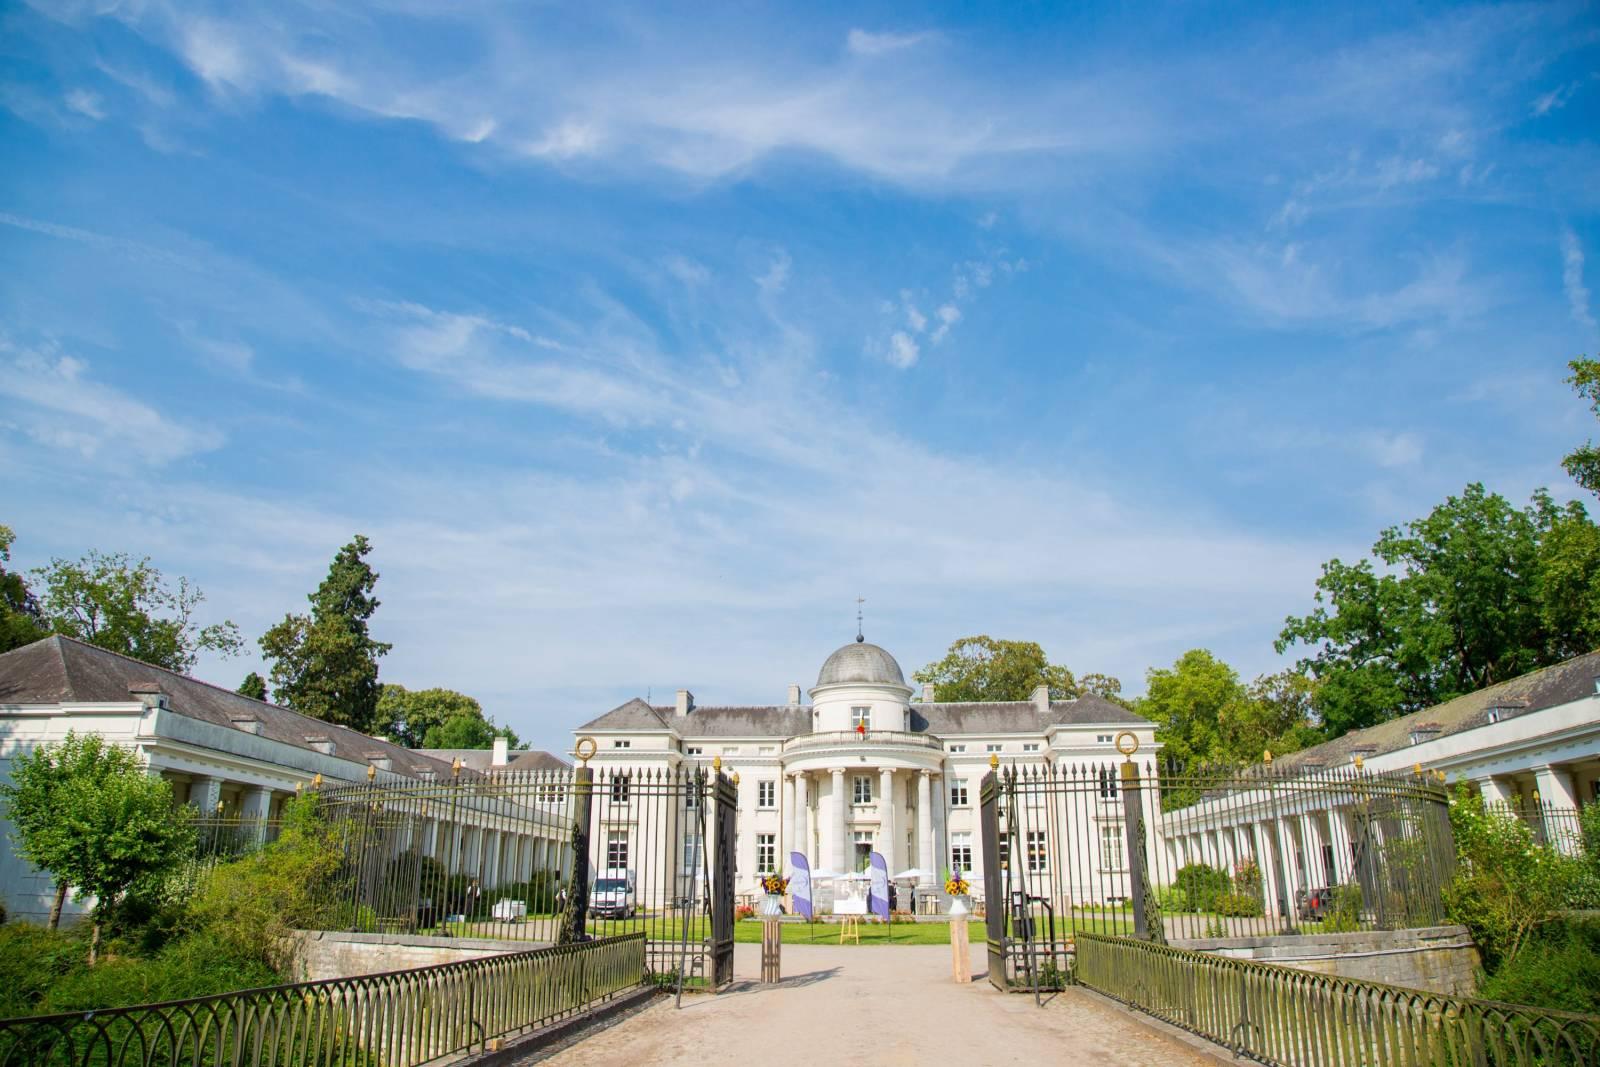 Trouwkasteel - Feestzaal - House of Weddings - 5